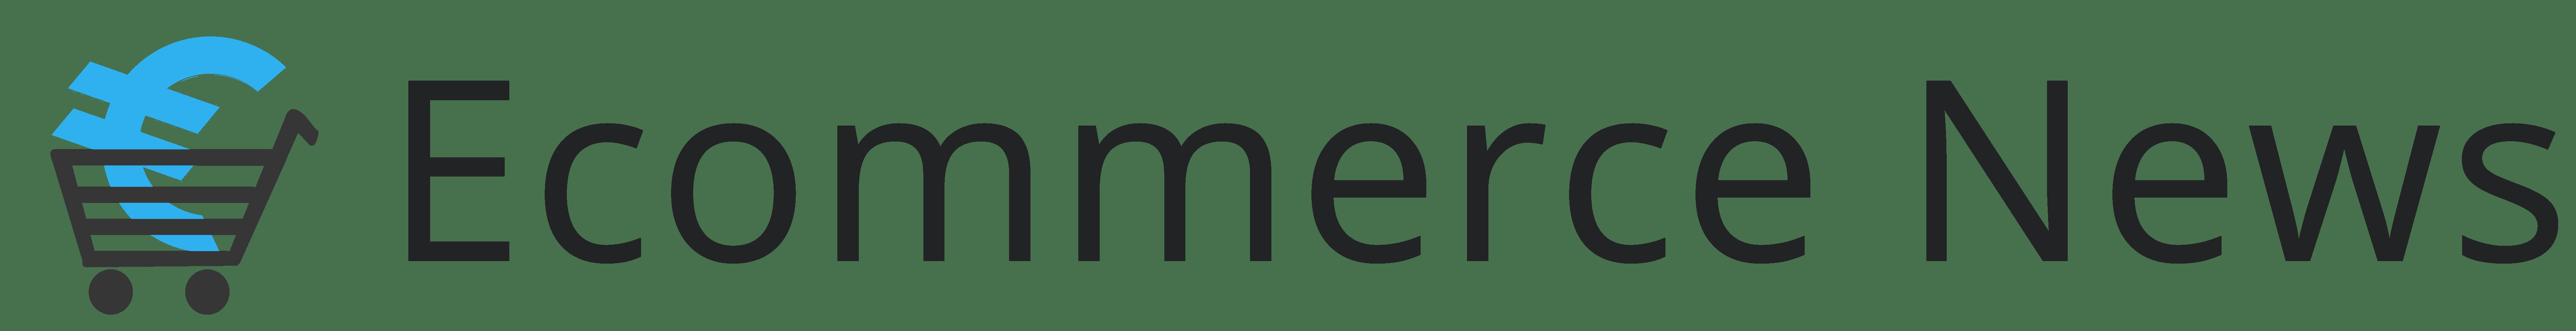 Ecommerce News Europe